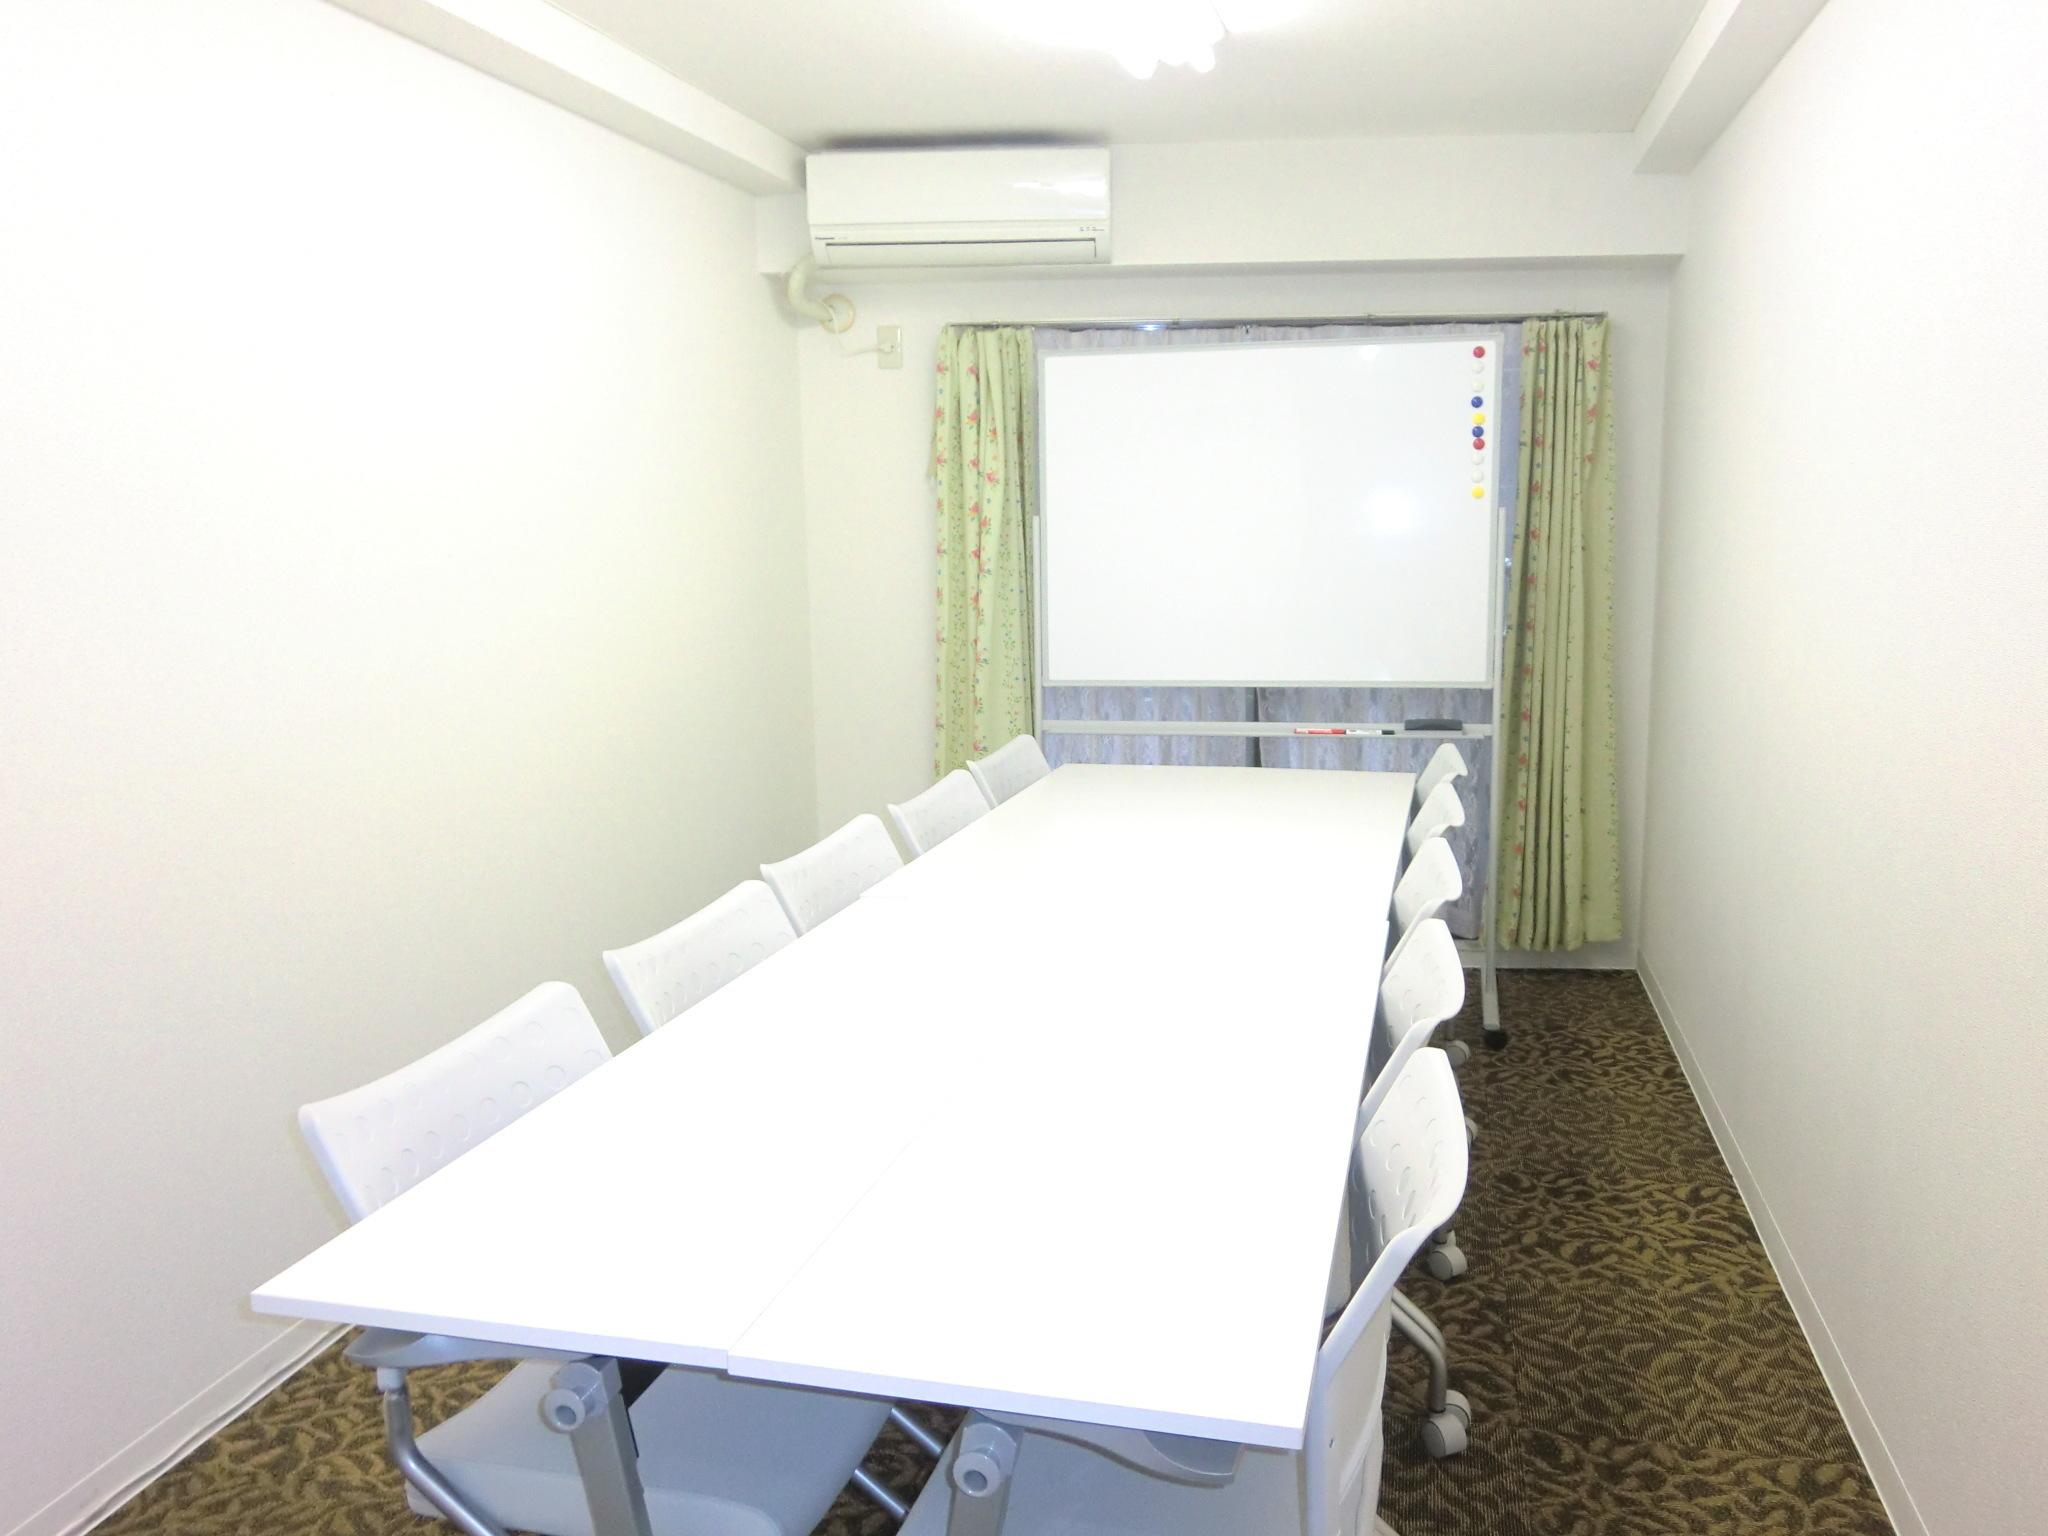 さくら貸し会議室 いつも綺麗な会議室の室内の写真